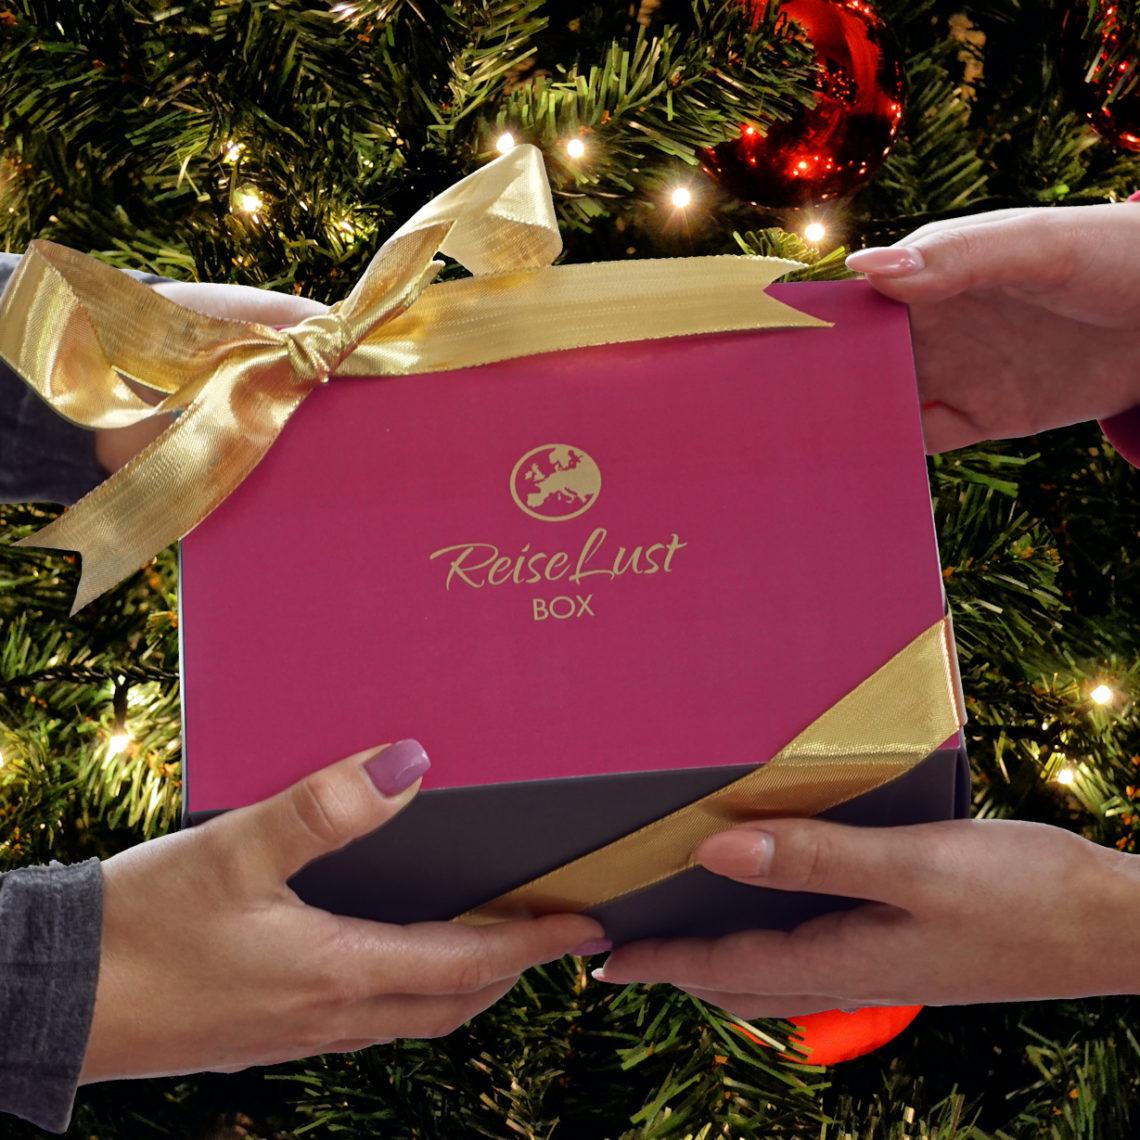 Erinnerungsgold ReiseLust Box Fernweh Unboxing Weihnachten